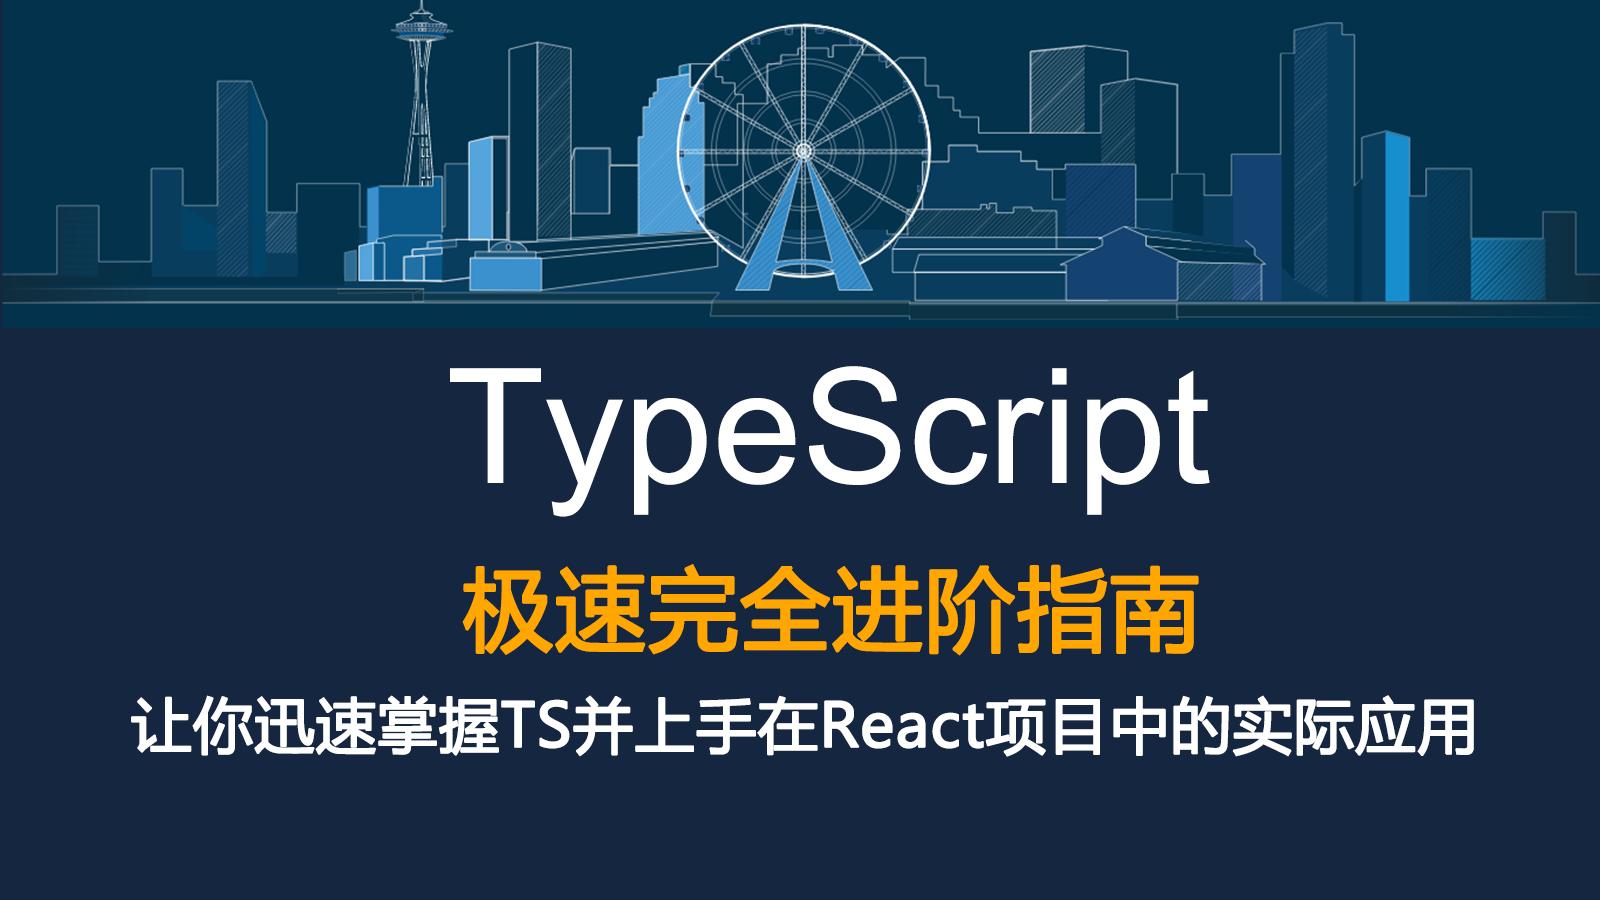 TypeScript极速完全进阶指南视频课程